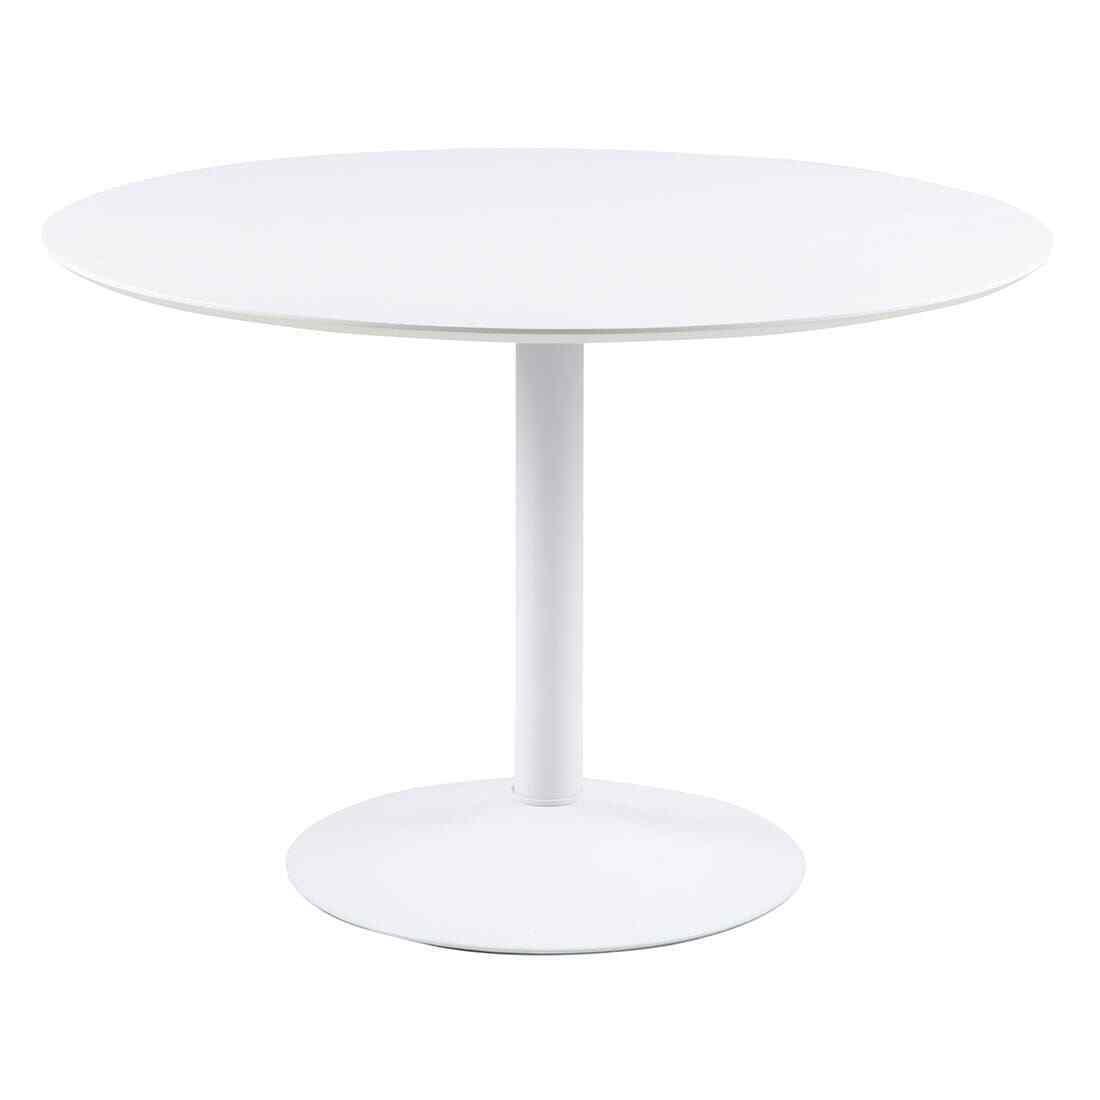 Esstisch Rund Weiß Ibiza Ø110cm Esszimmer Tisch MDF 77